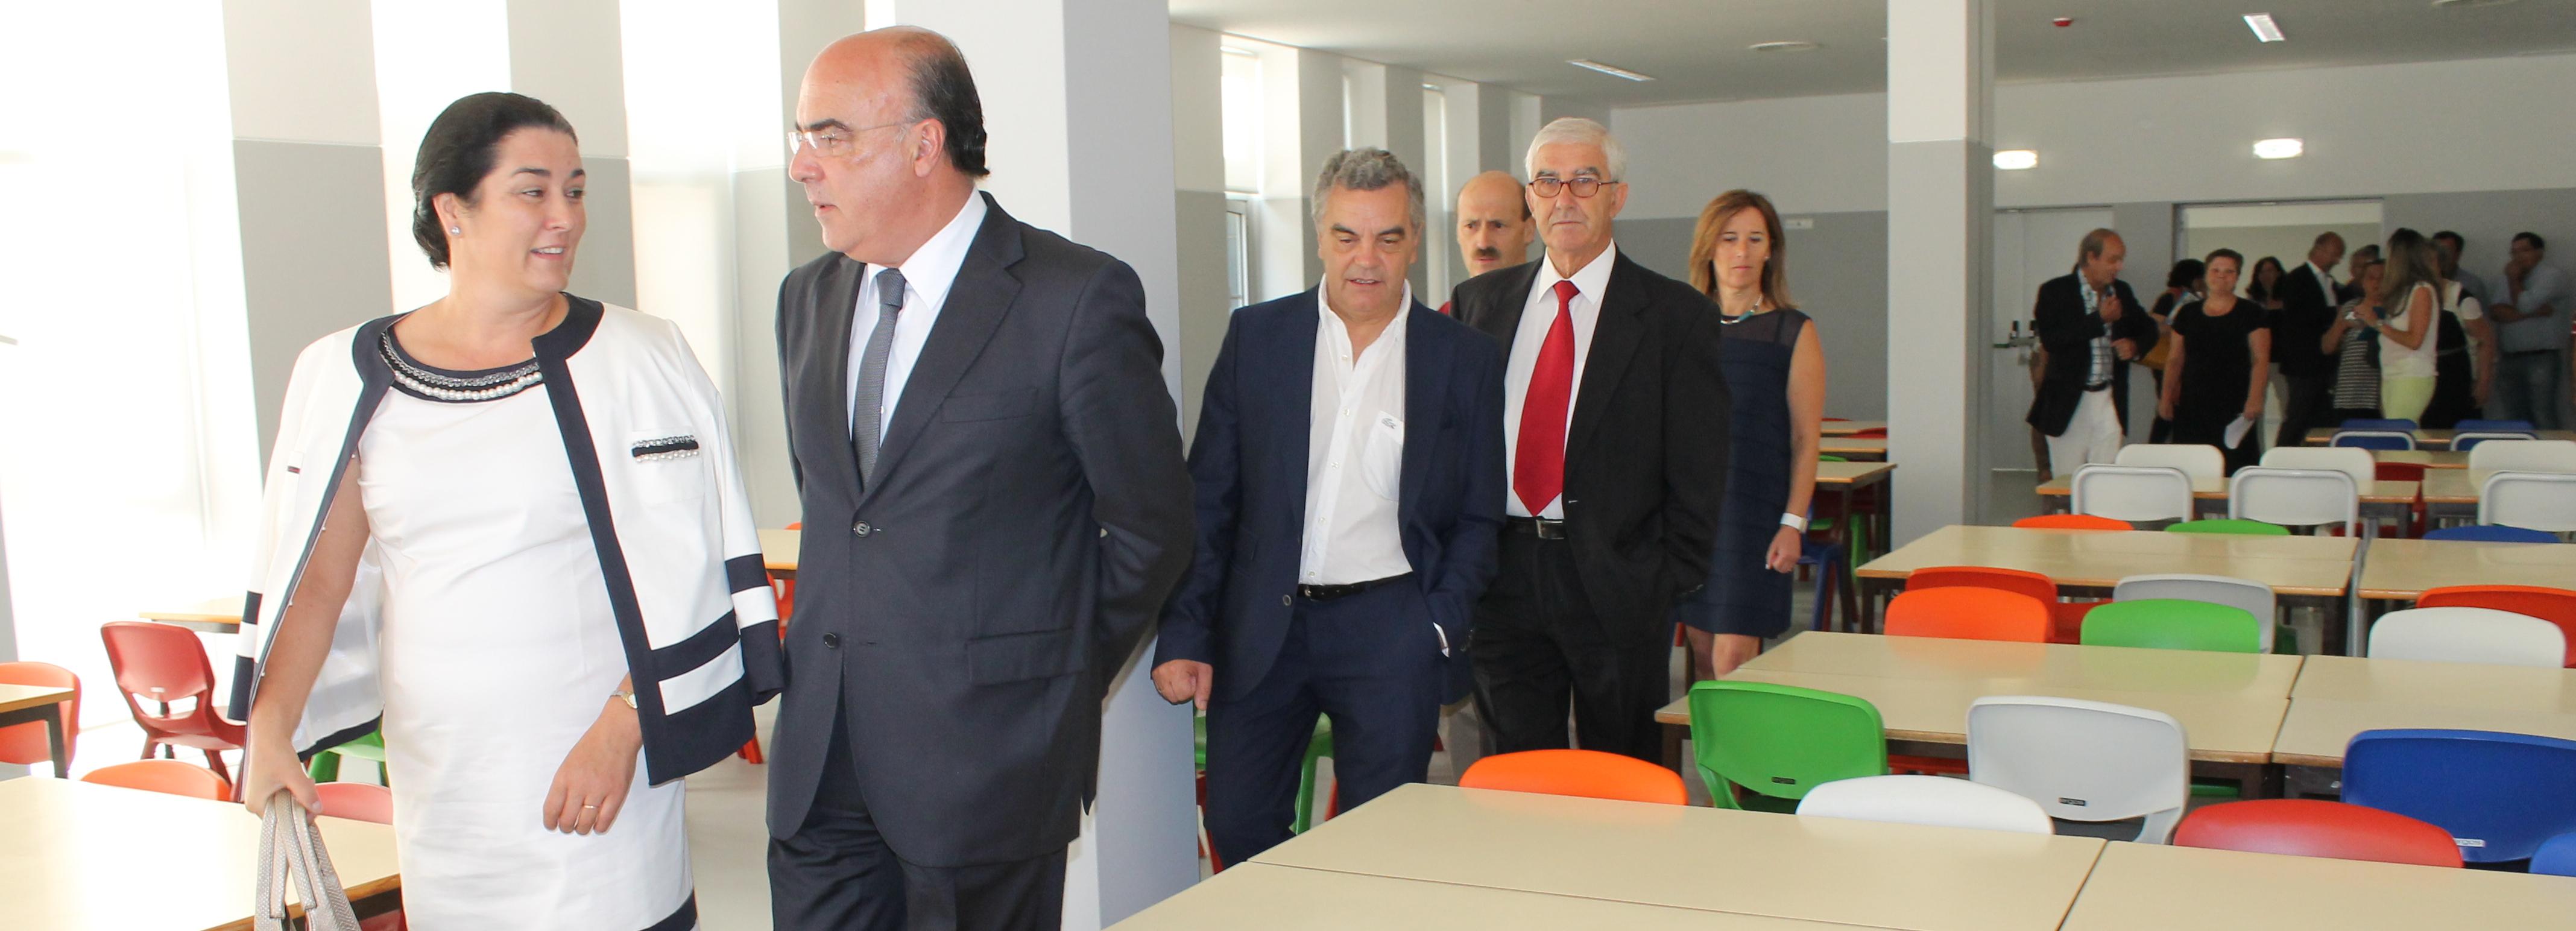 Presidente da Câmara assinala abertura do ano letivo em Barcelos